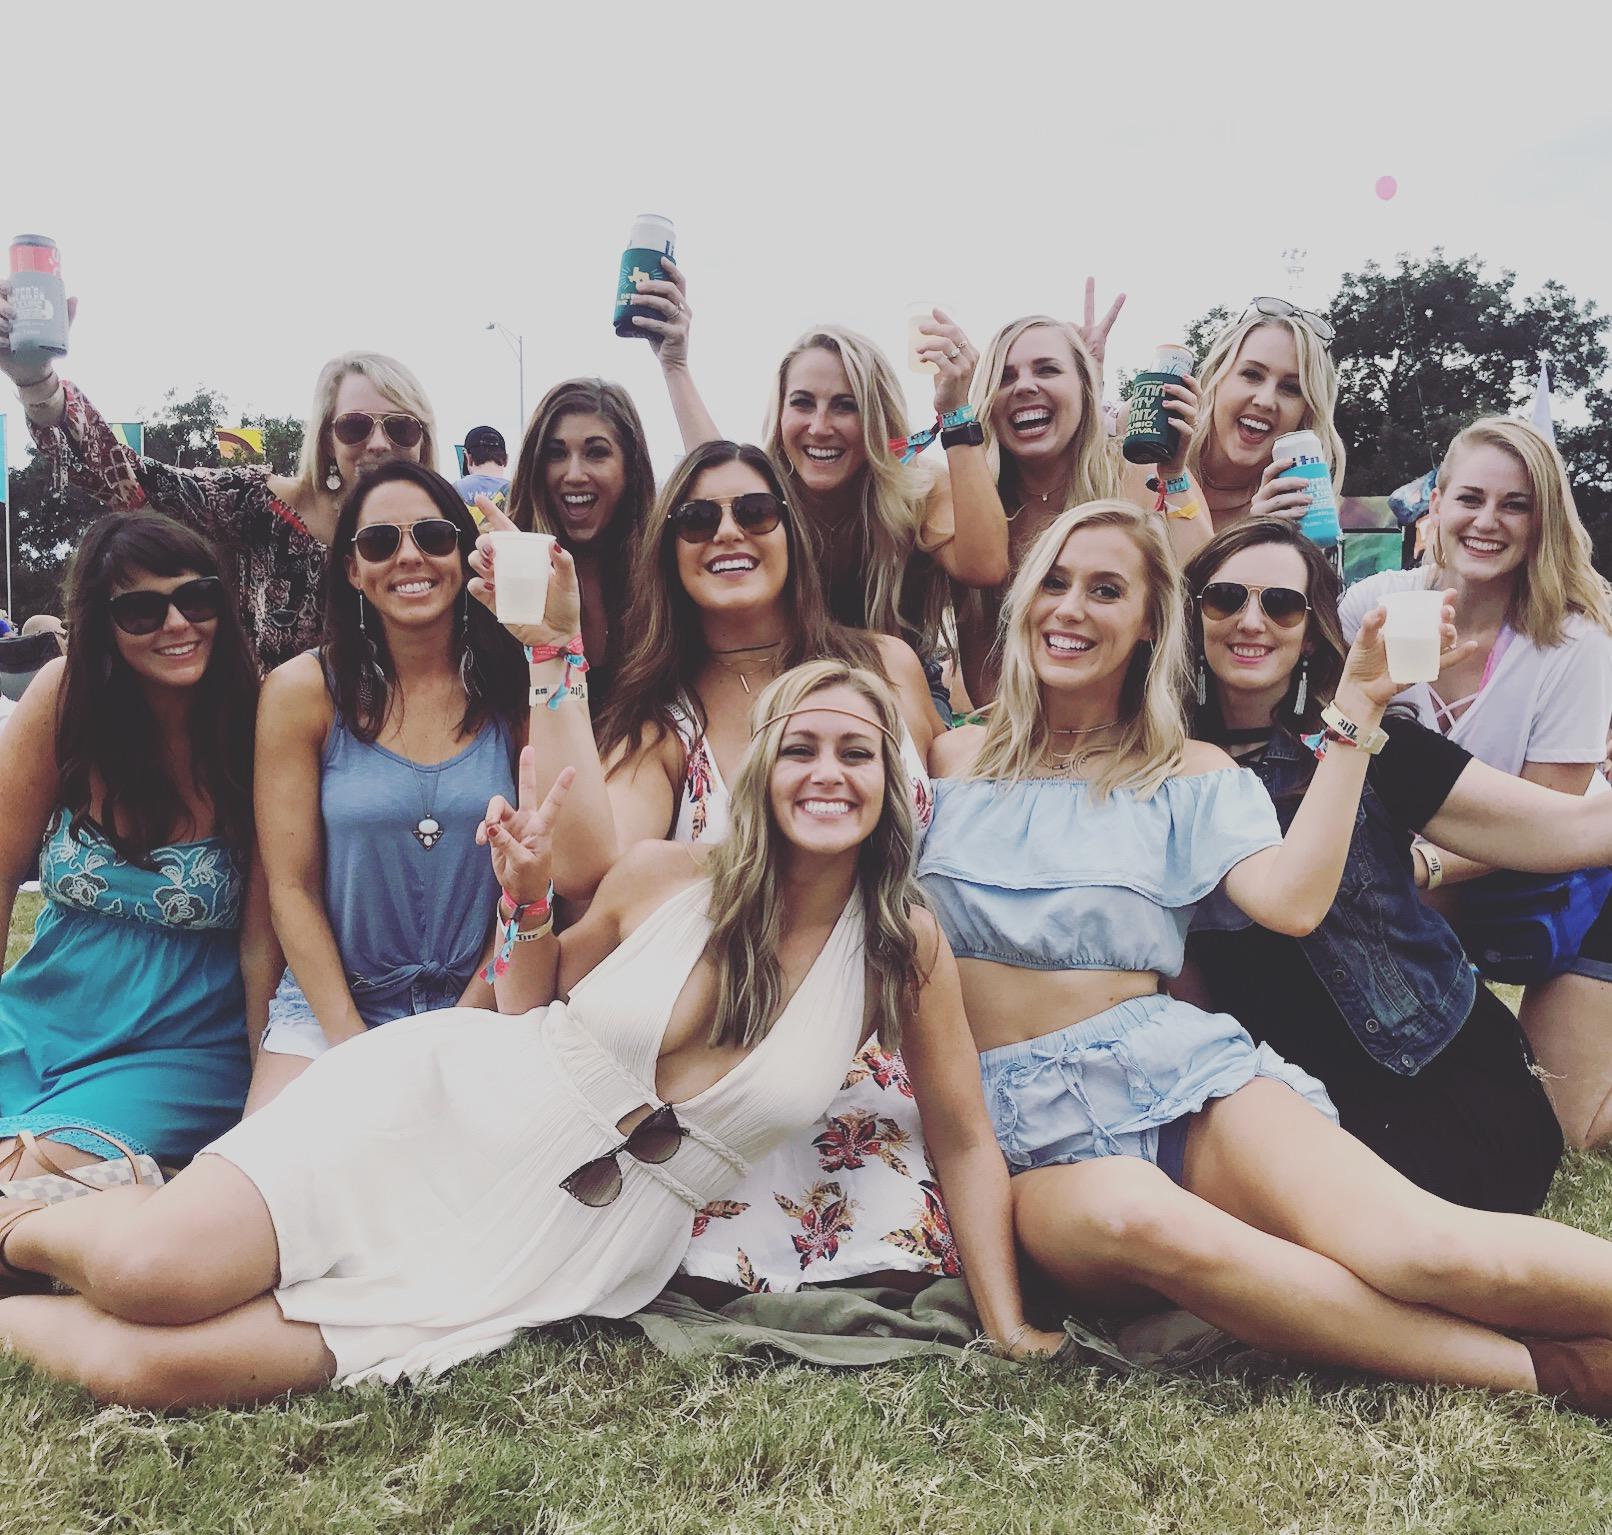 Austin City Limits Bachelorette Party